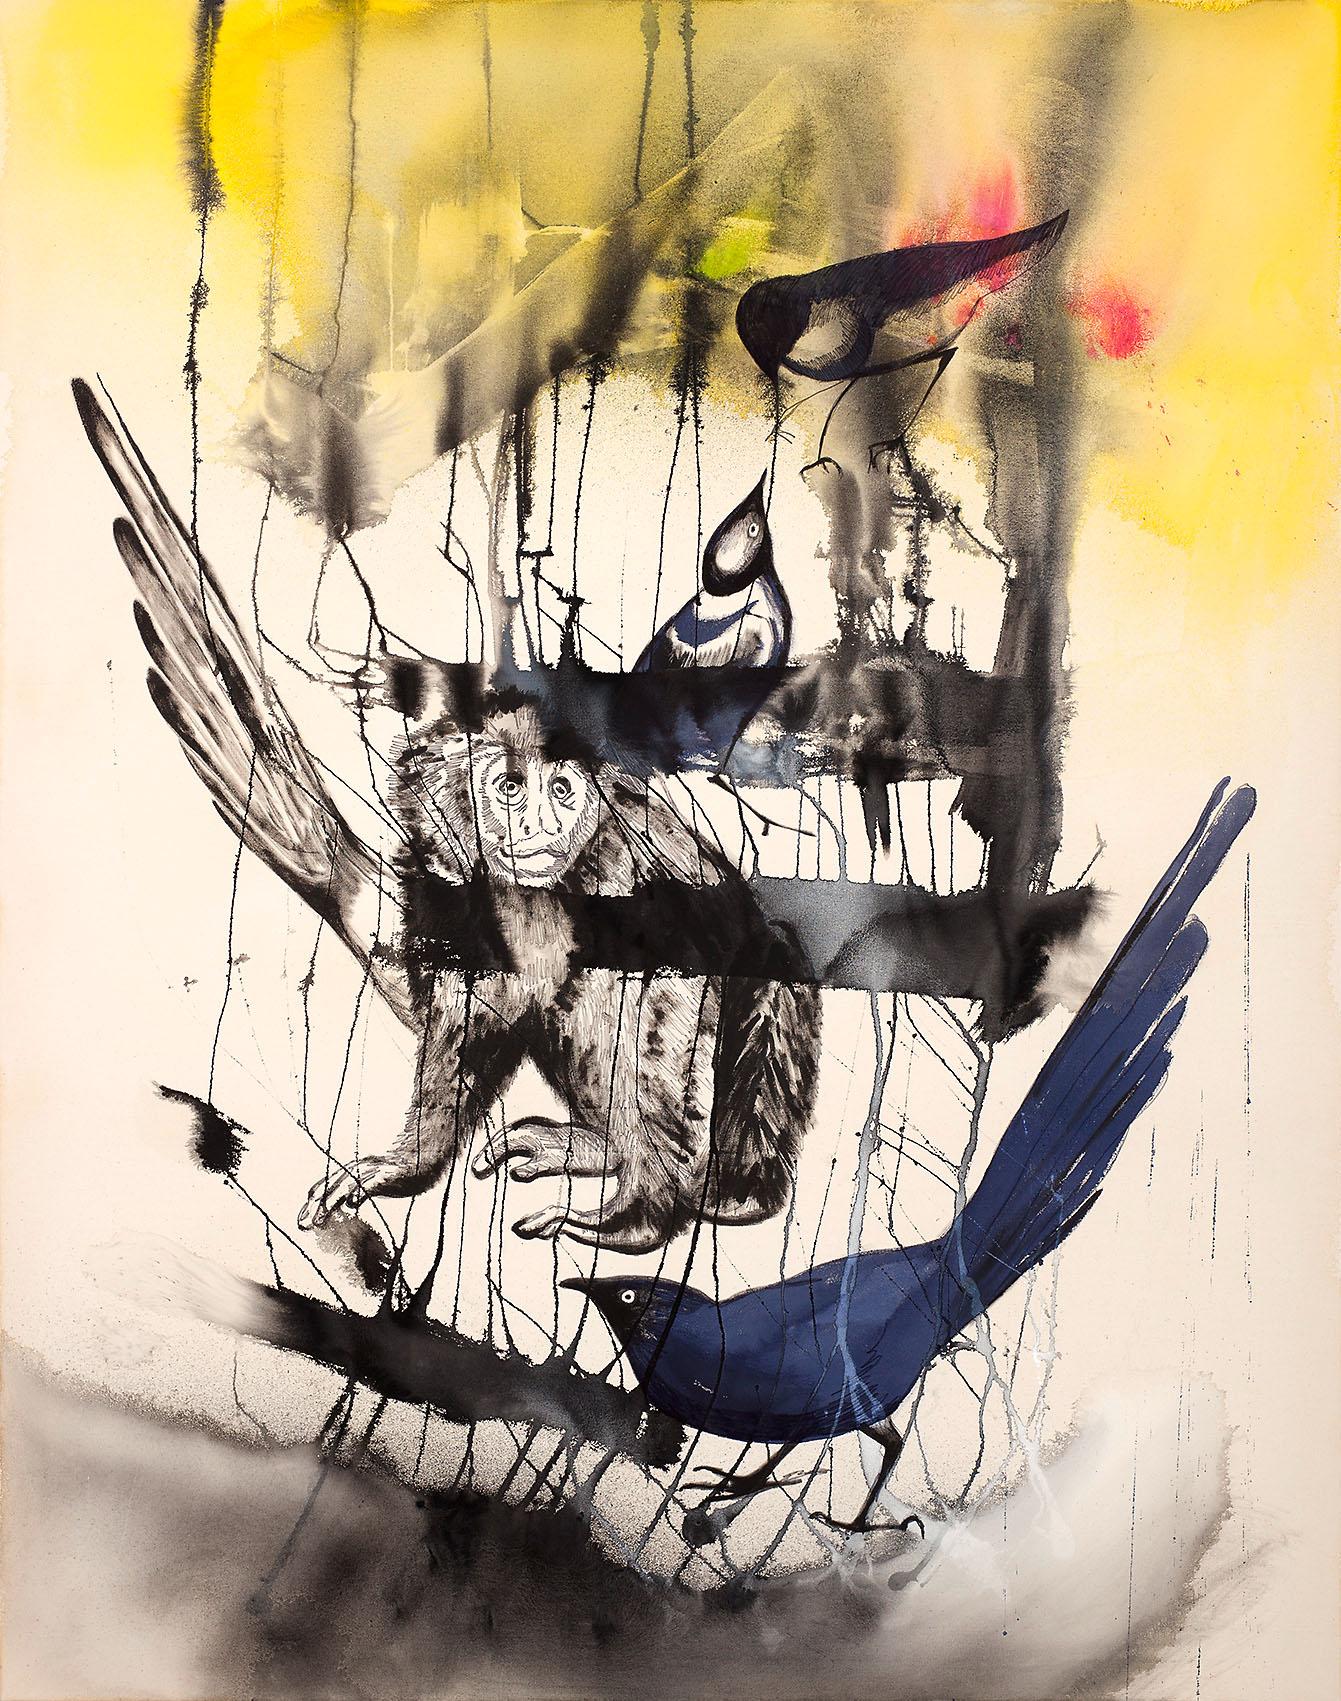 """o.T. aus """"Alm Alb Pacific"""", 2016, 240 x 190 cm, Mischtechnik auf Leinwand"""